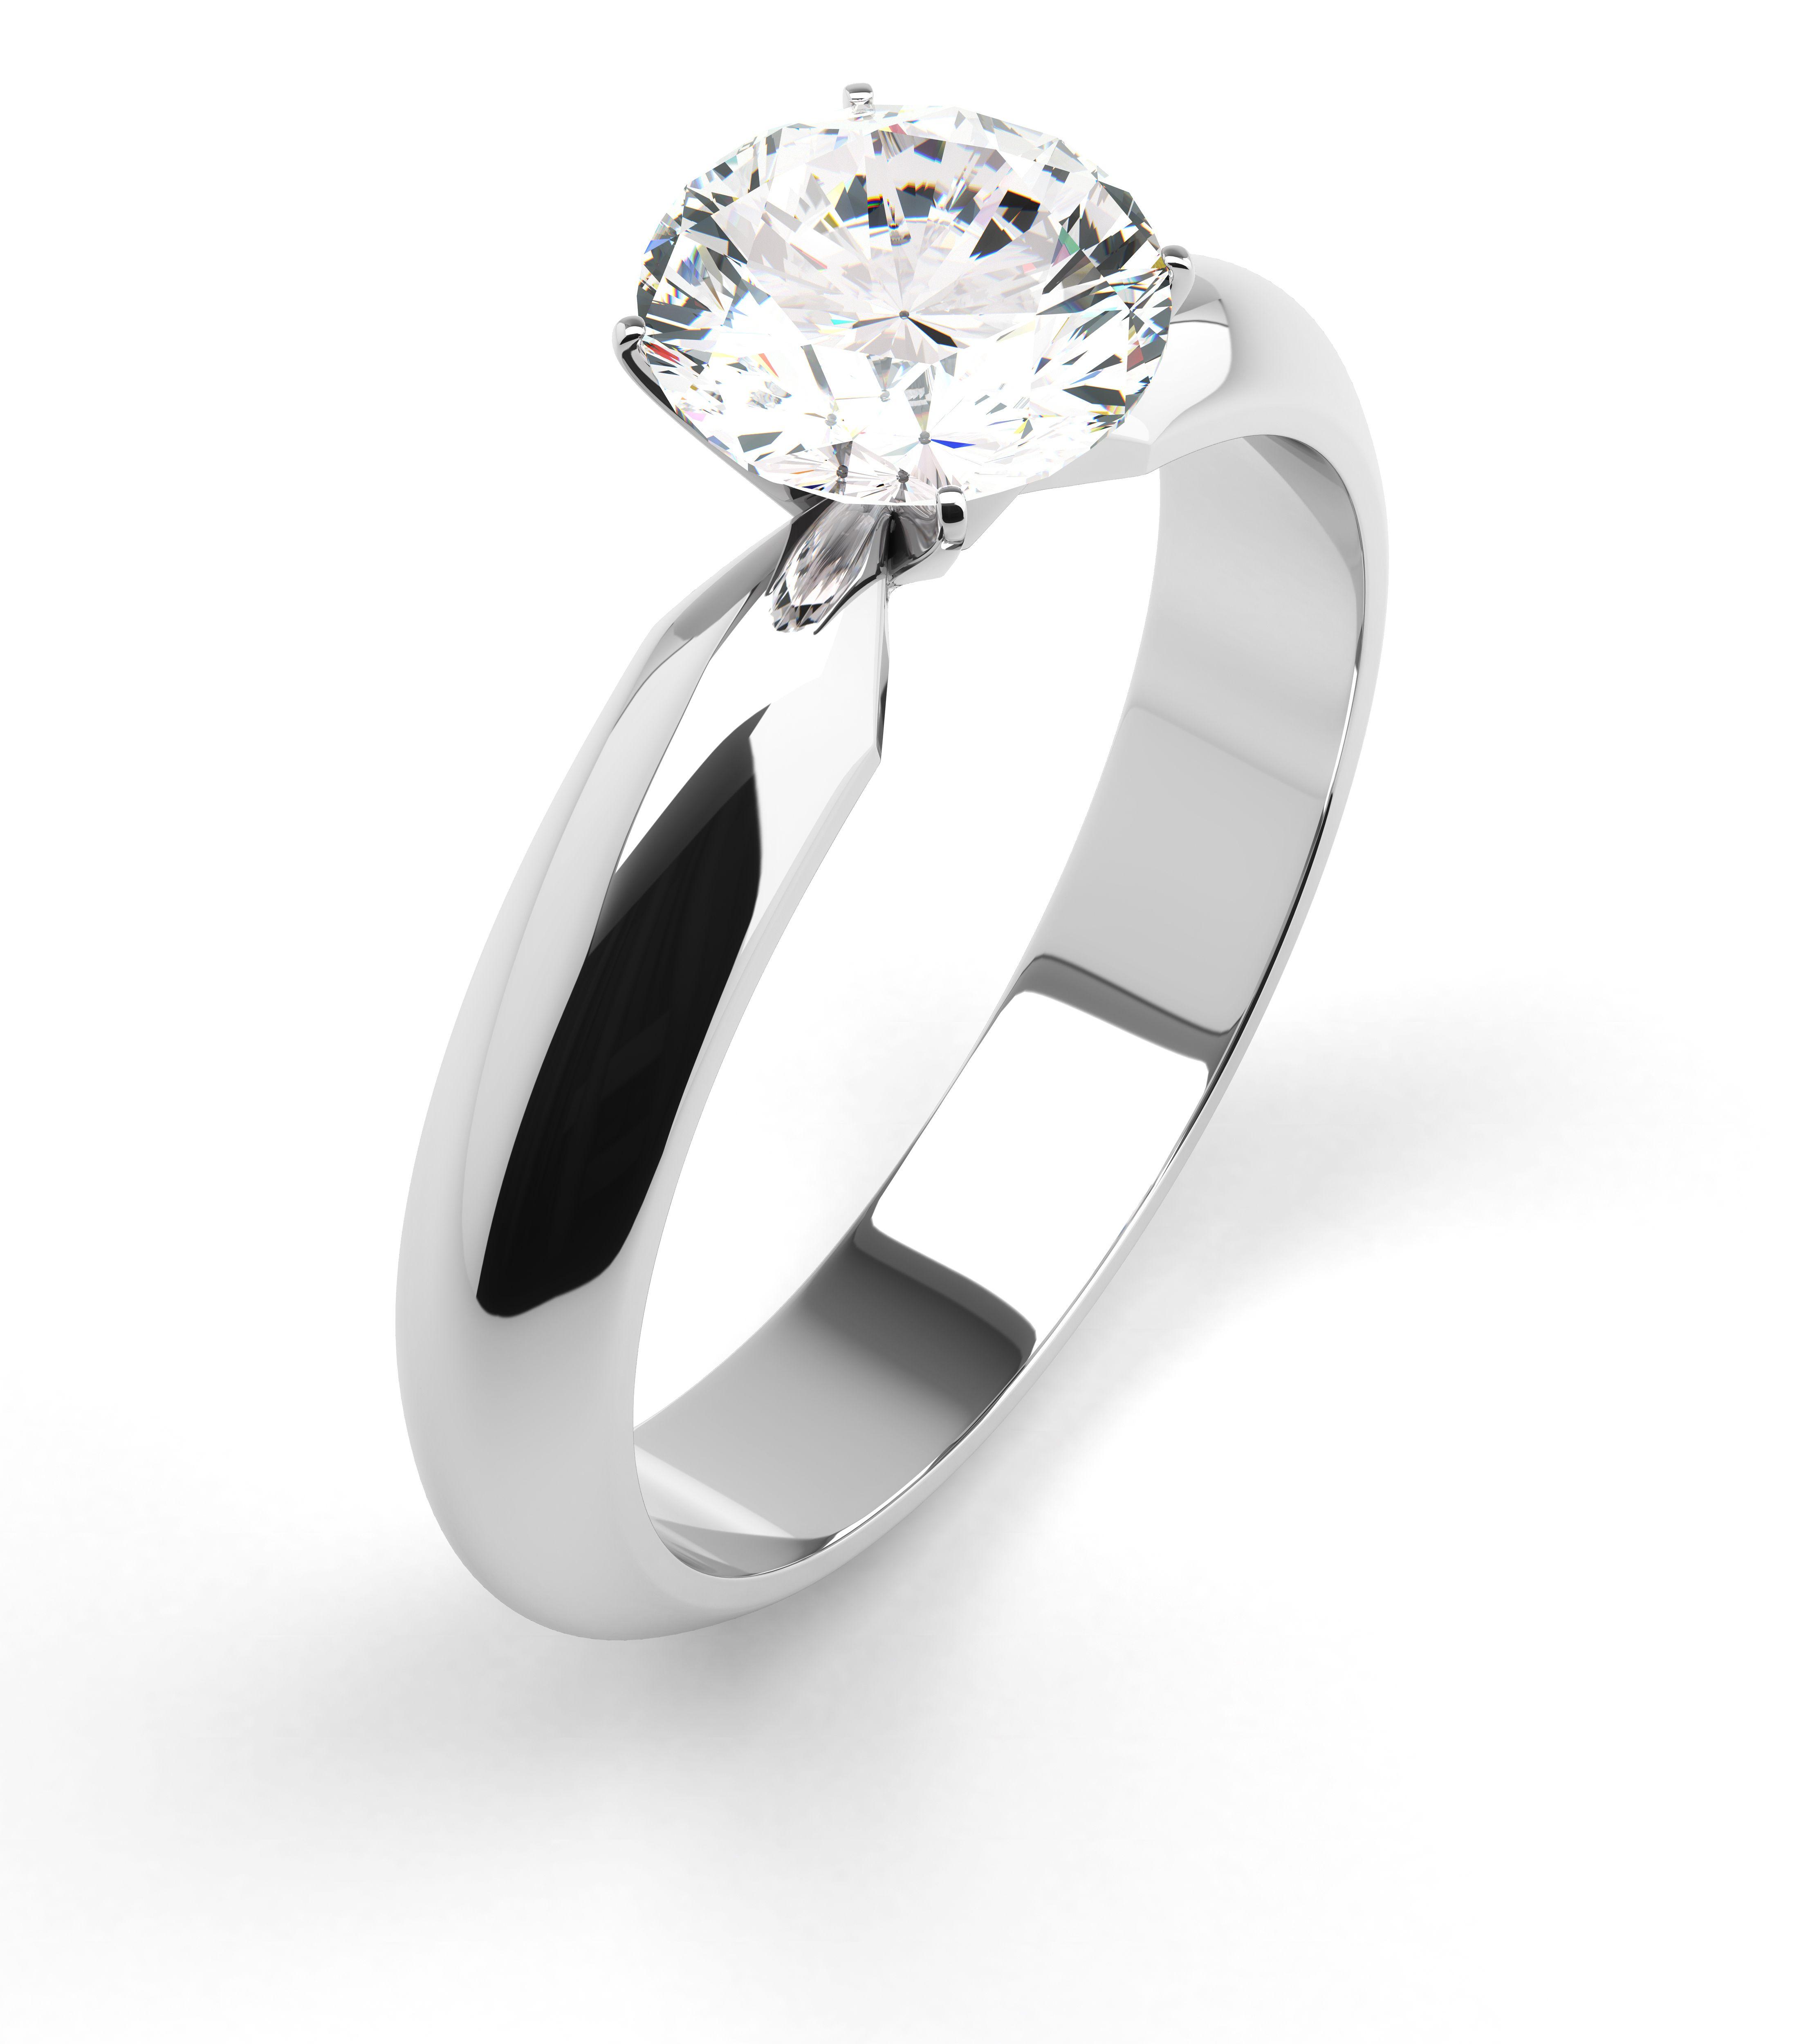 Zarucnicki prsten s dijamantom izradjen od 18 kt bijelog zlata Zlatarne Zaks mpc 80 00rsd. Brilijanti su uvek u trendu!